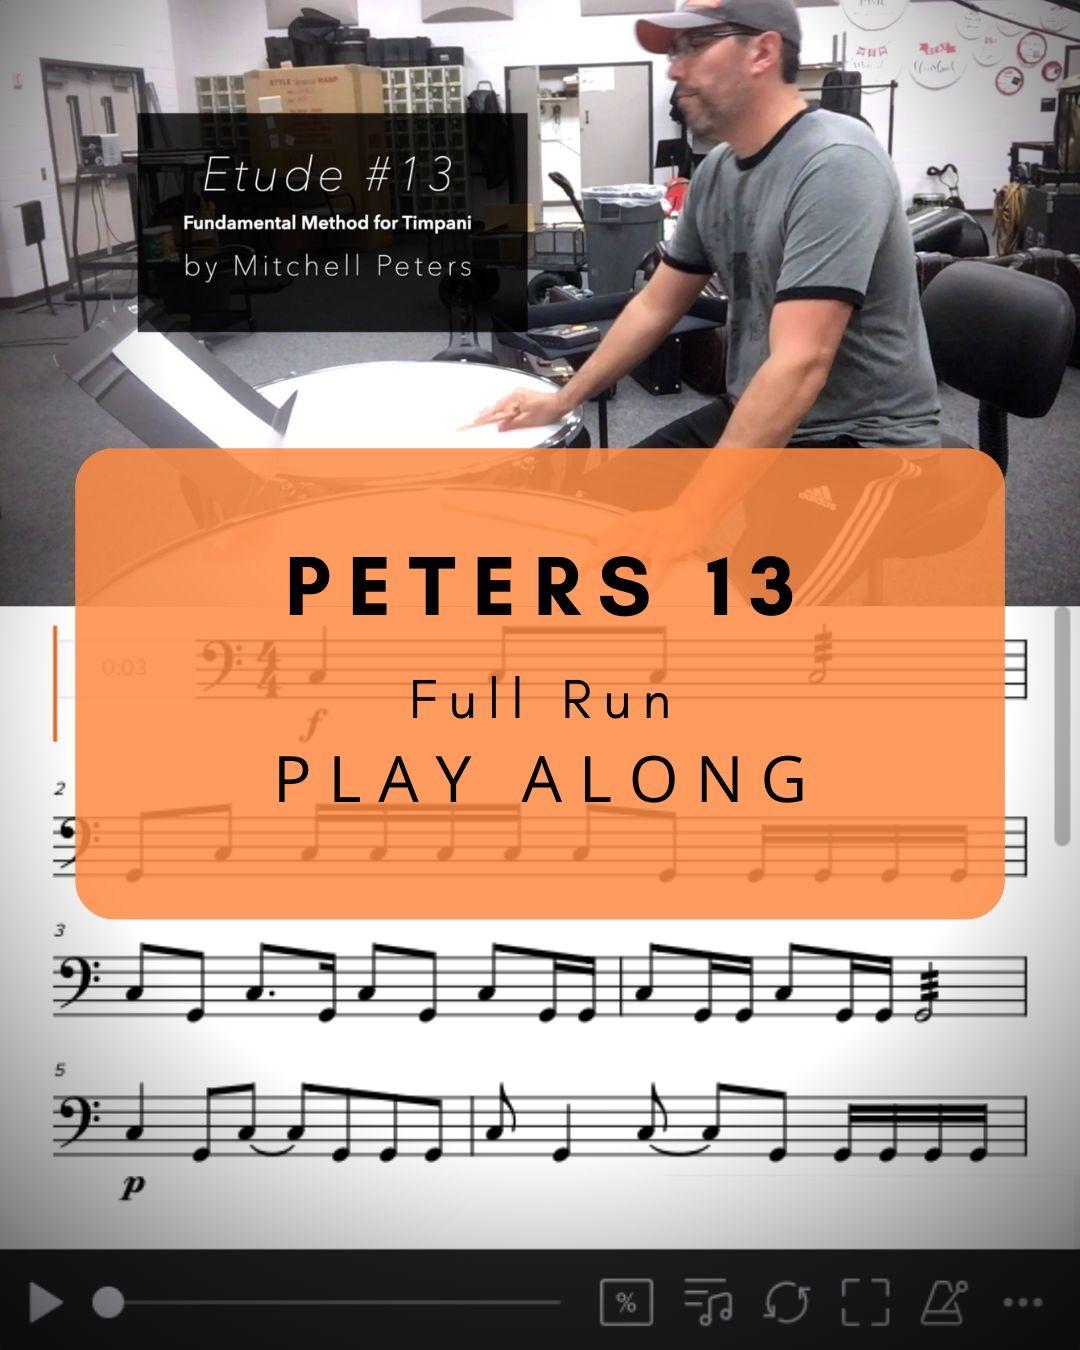 Peters 13 Full Run